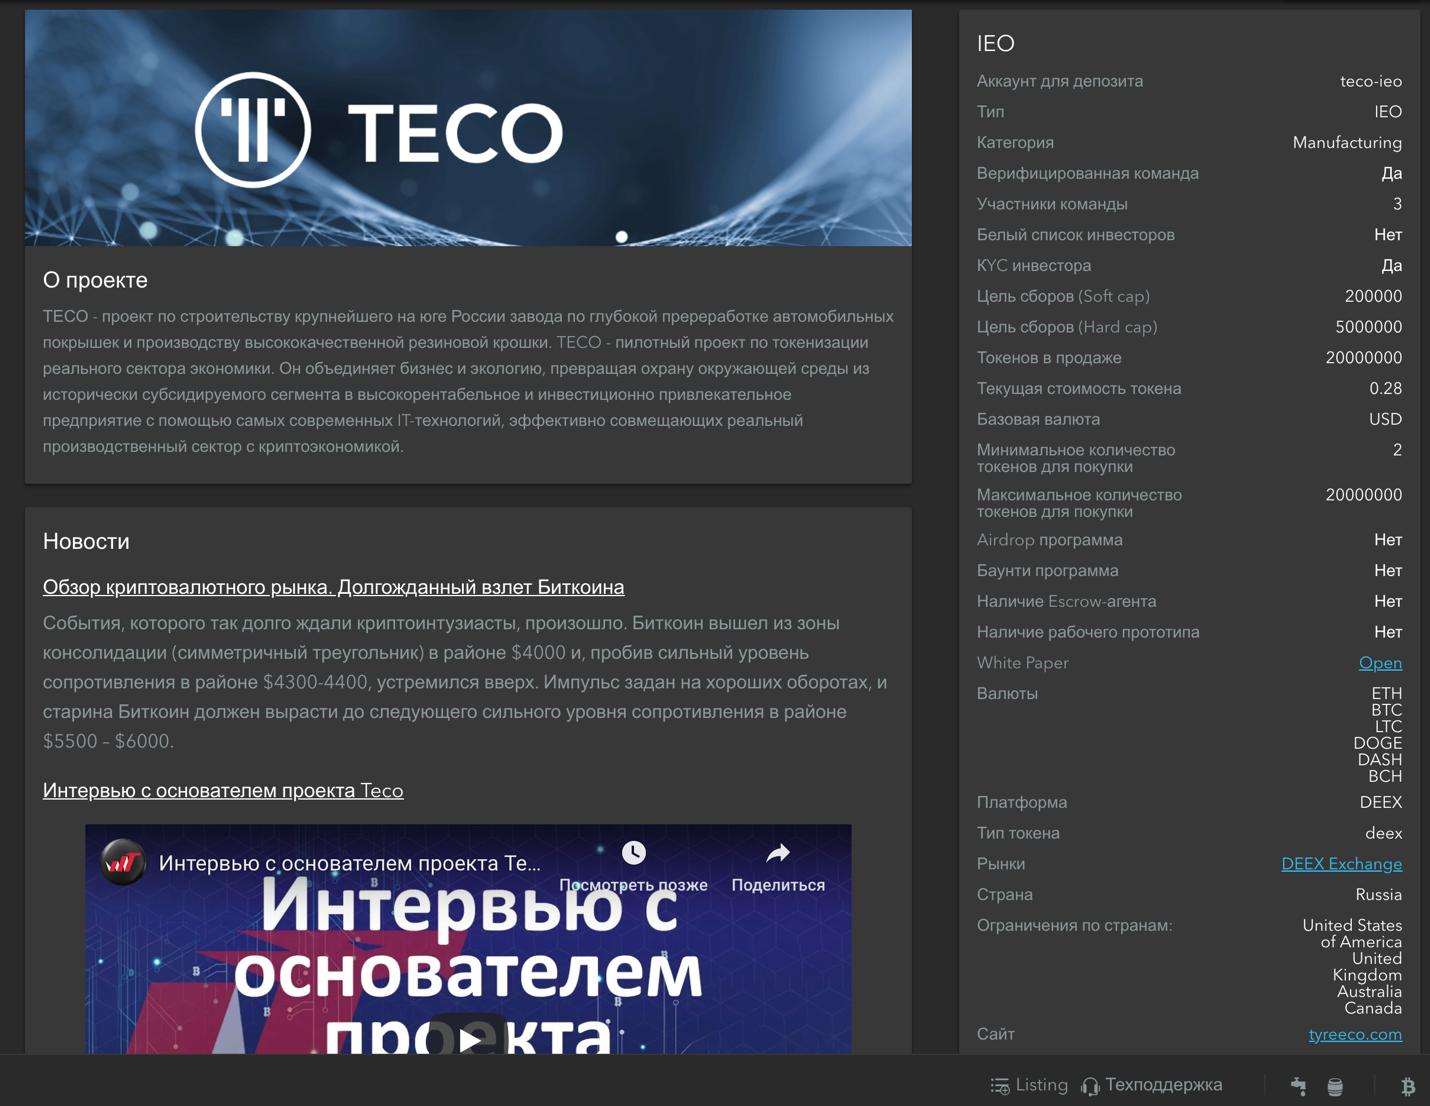 Здесь же находится калькулятор, делающий пересчет валюты, которую вы хотите использовать для покупки в финальное количество приобретаемых токенов TECO